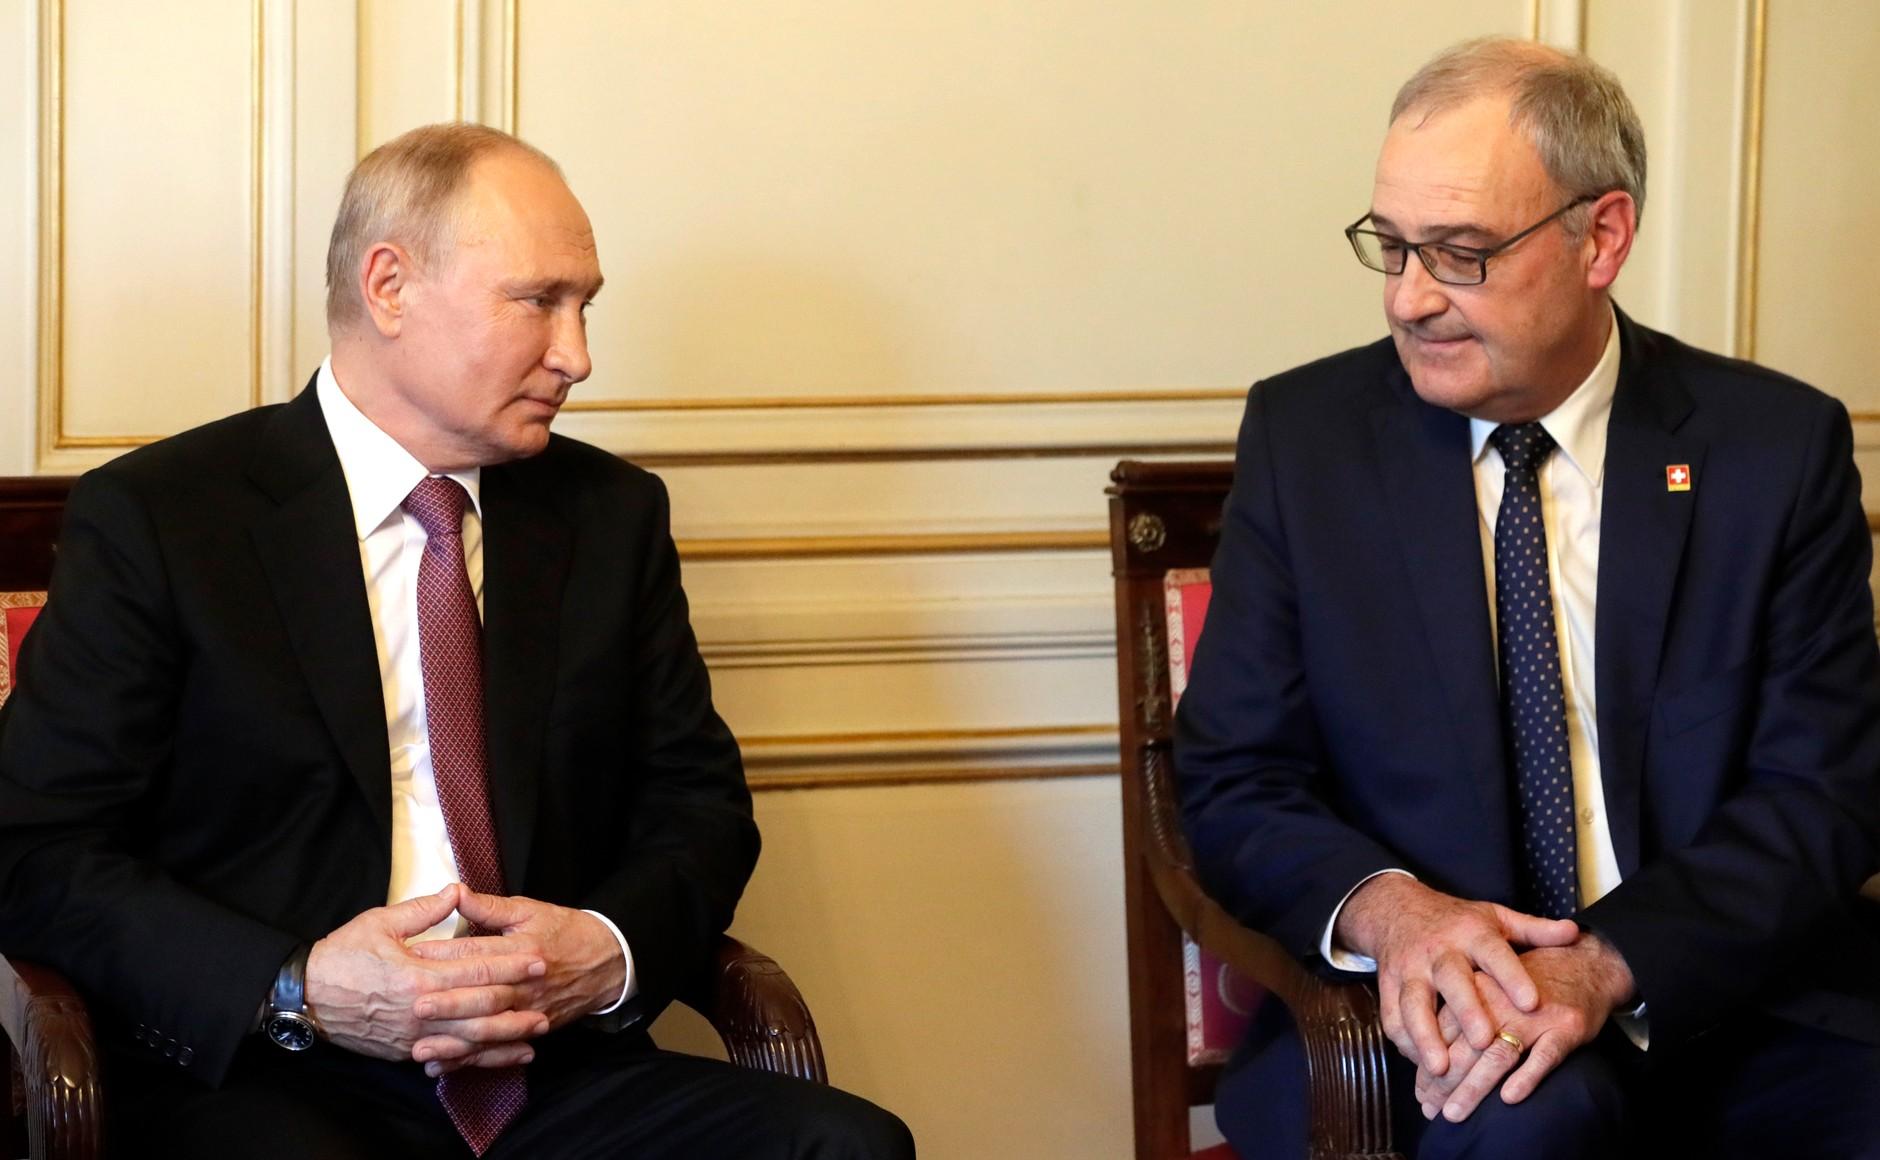 RUSSIE USA 2 X 16 Avec le président de la Confédération suisse Guy Parmelin. Photo TASS